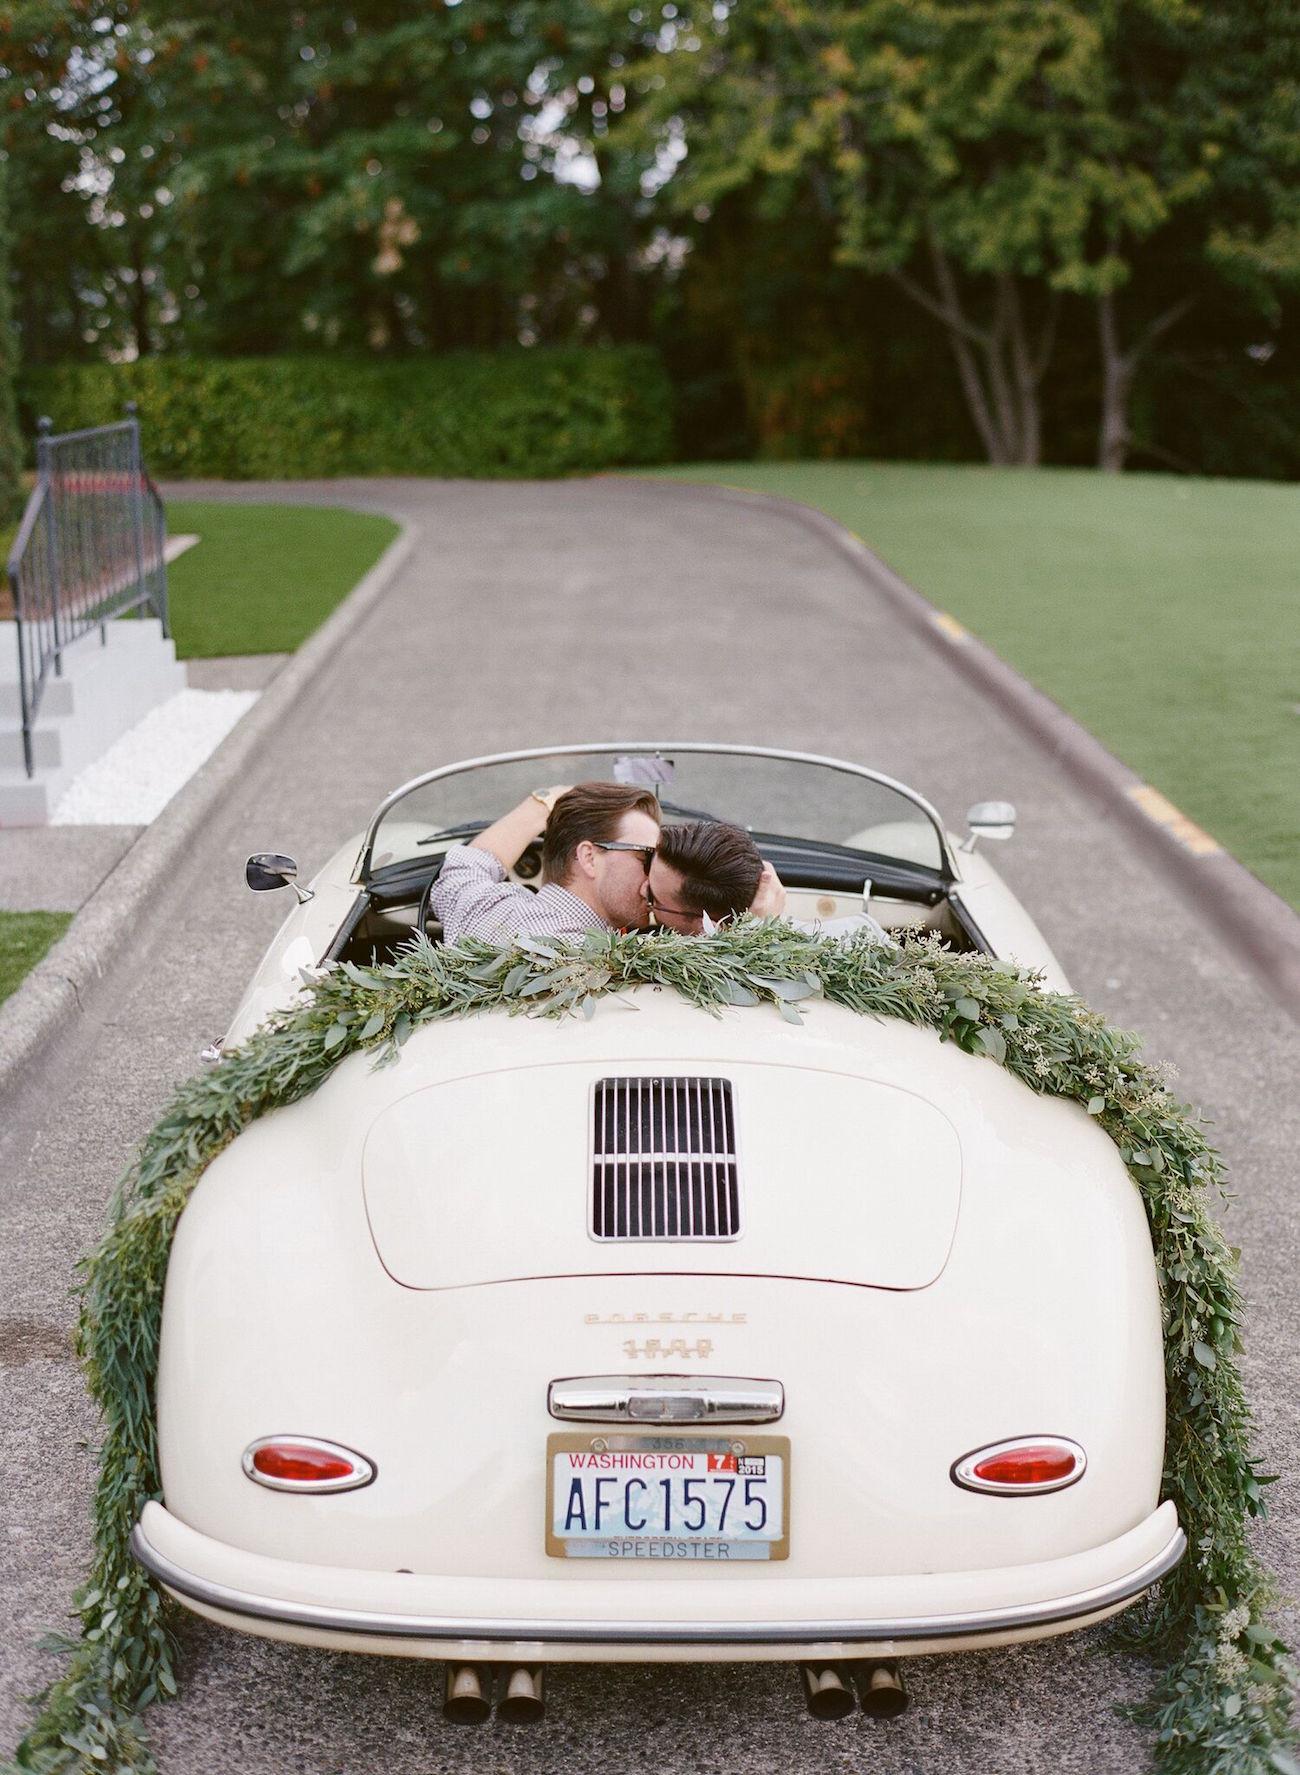 Porsche Wedding Getaway Car | Image: Katie Parra